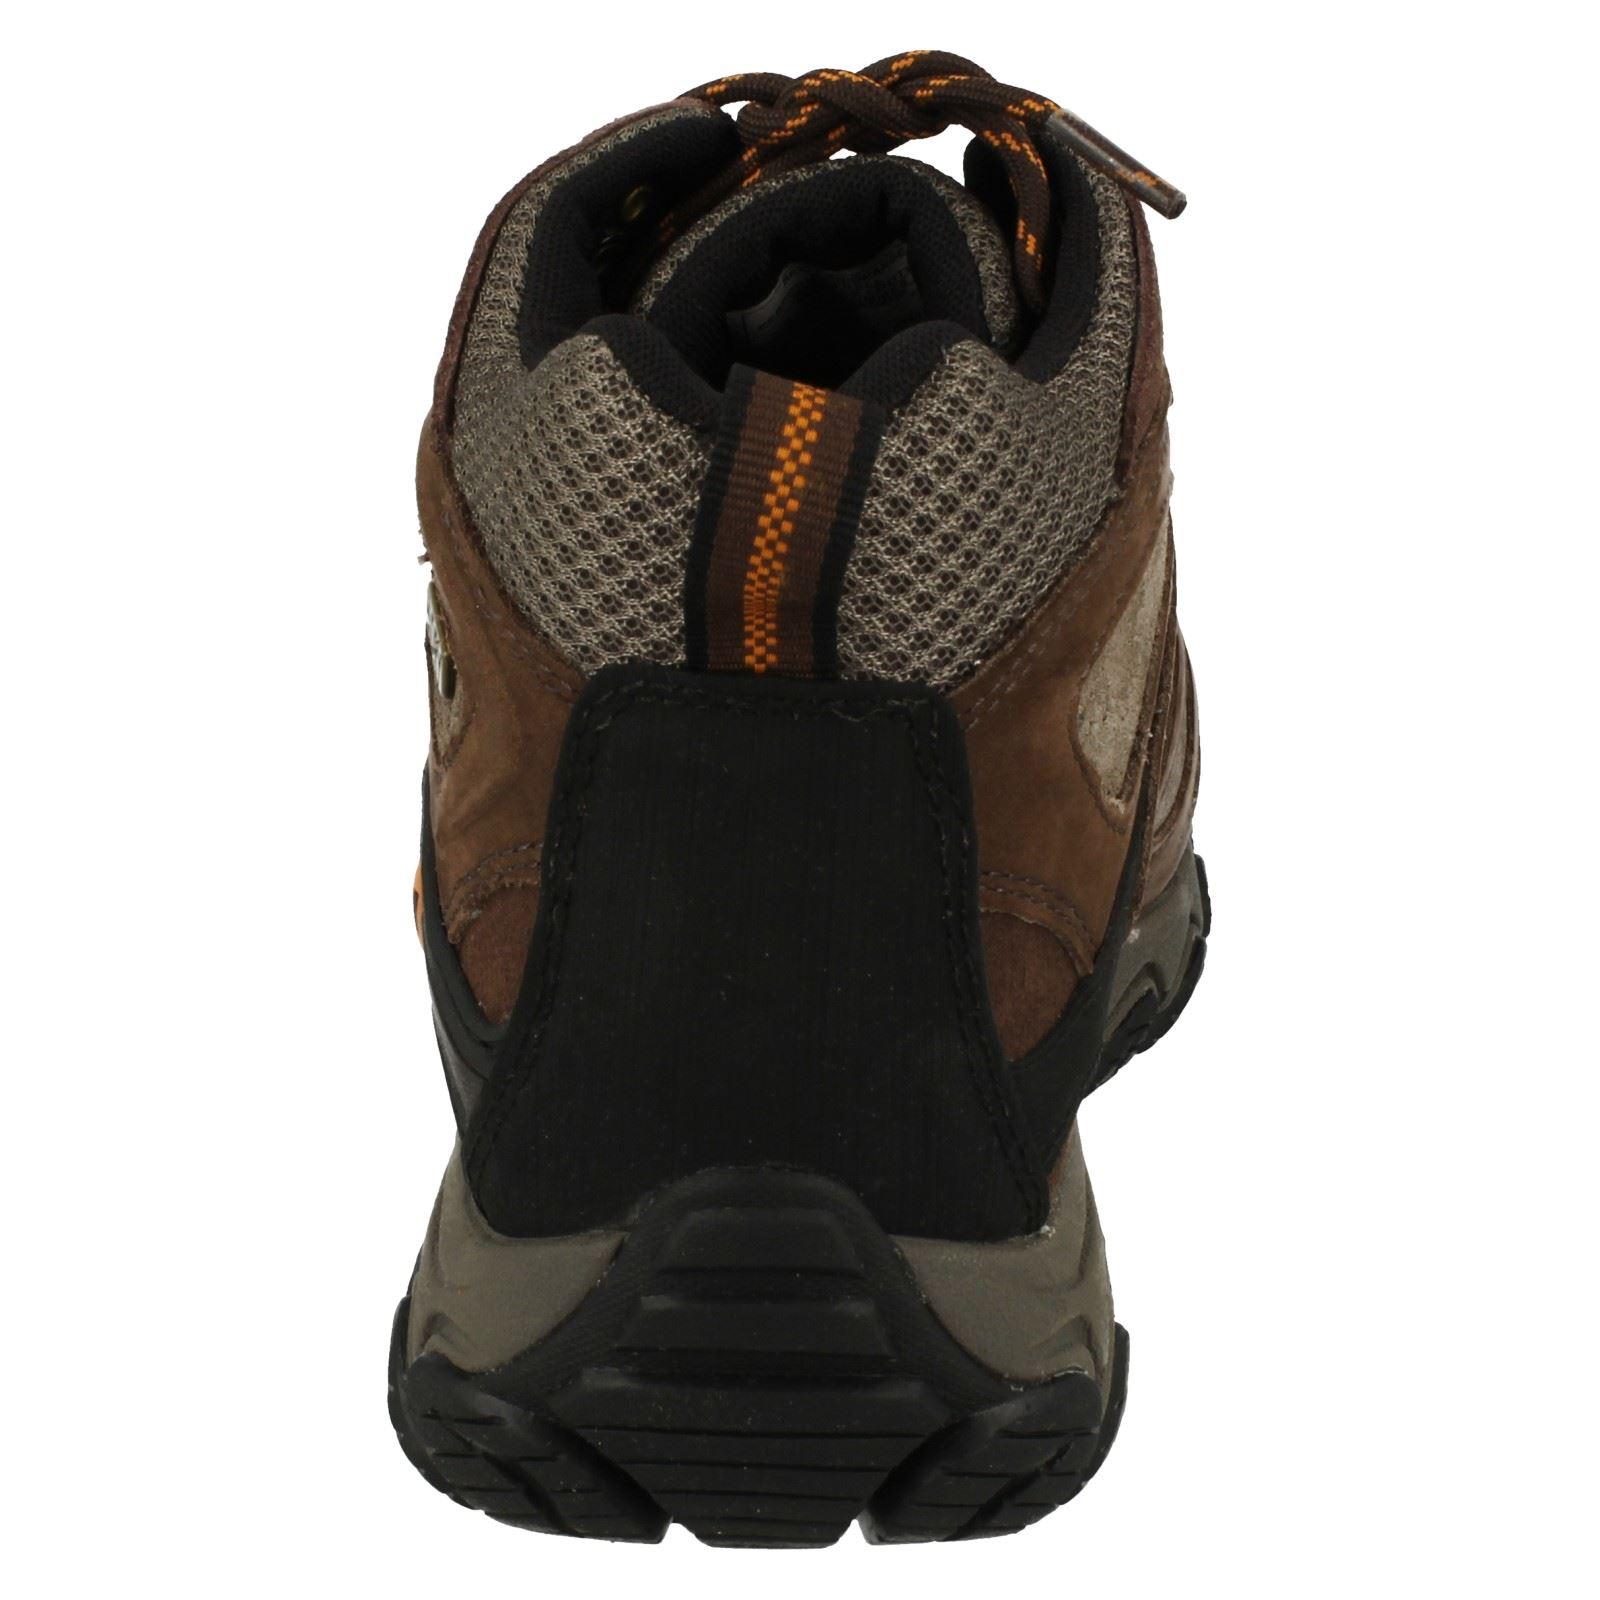 Da Uomo Merrell Pulsate Mid Impermeabile Stivali Impermeabili Passeggio Da Passeggio Impermeabili 0b05e7